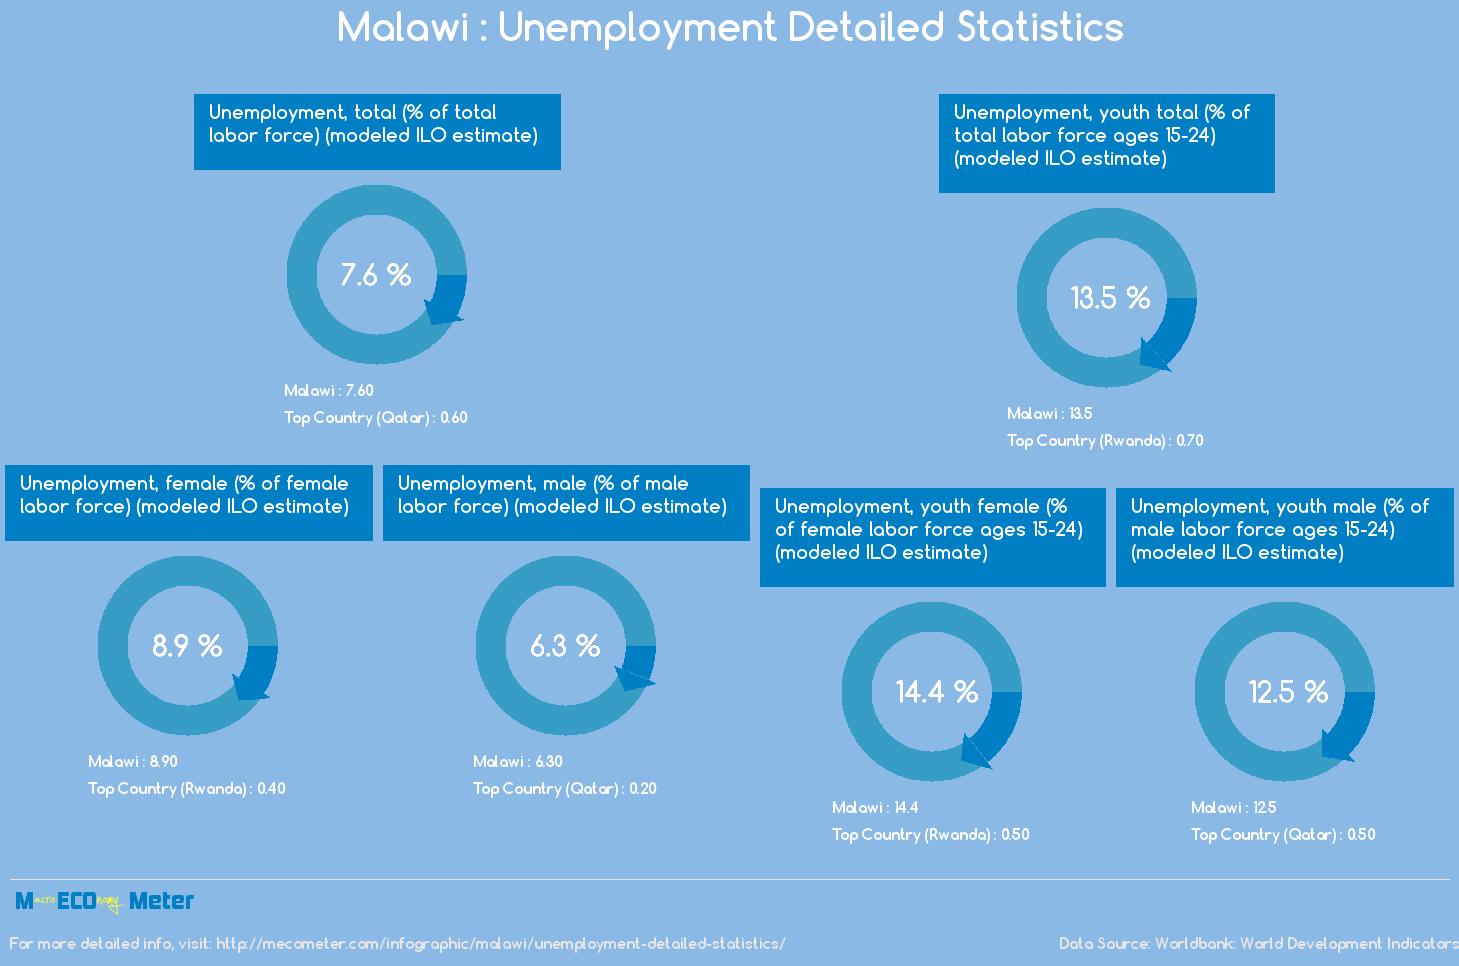 Malawi : Unemployment Detailed Statistics